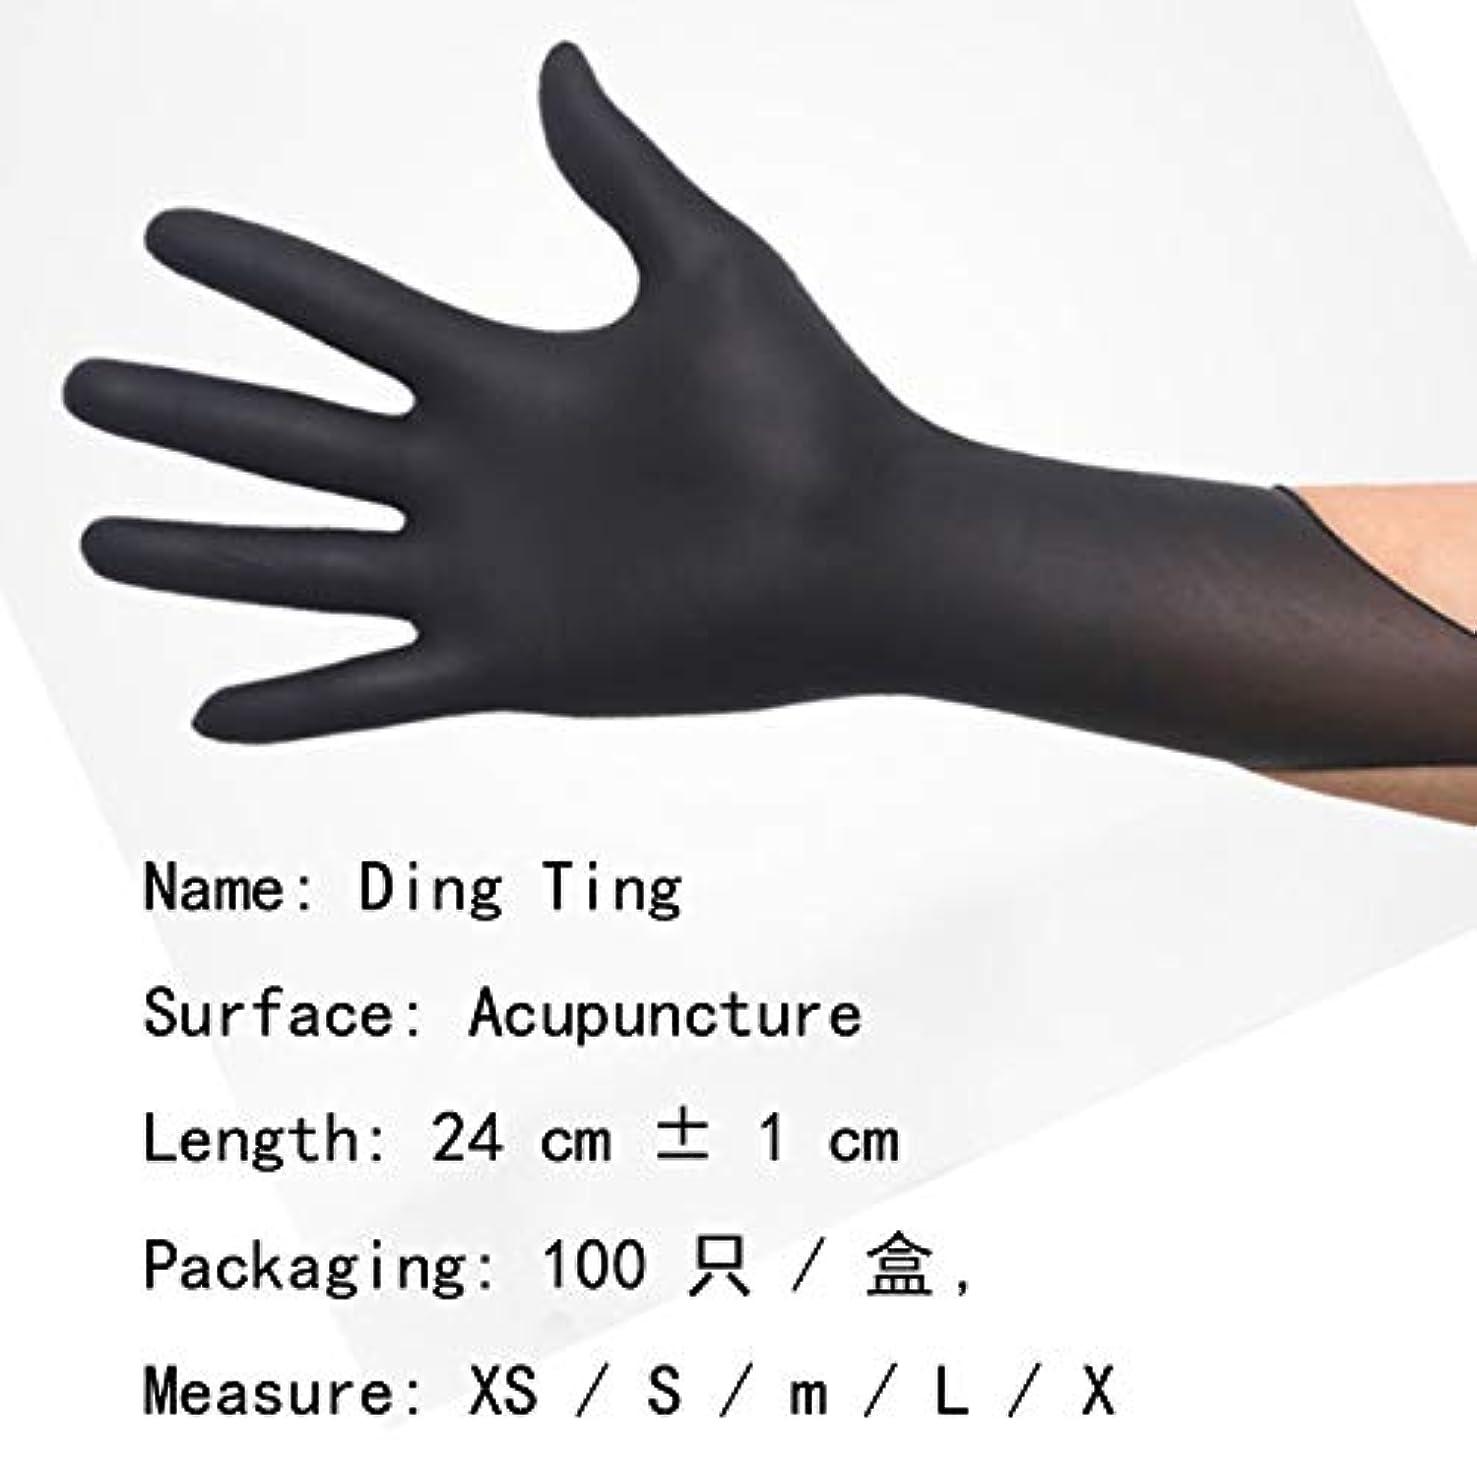 方向死すべき修羅場ニトリル手袋黒ニトリル4ミル厚使い捨て手袋×ラージケース100試験医療用ラテックスフリーブラックM-L食品、工業用、クリーニング (Size : L)